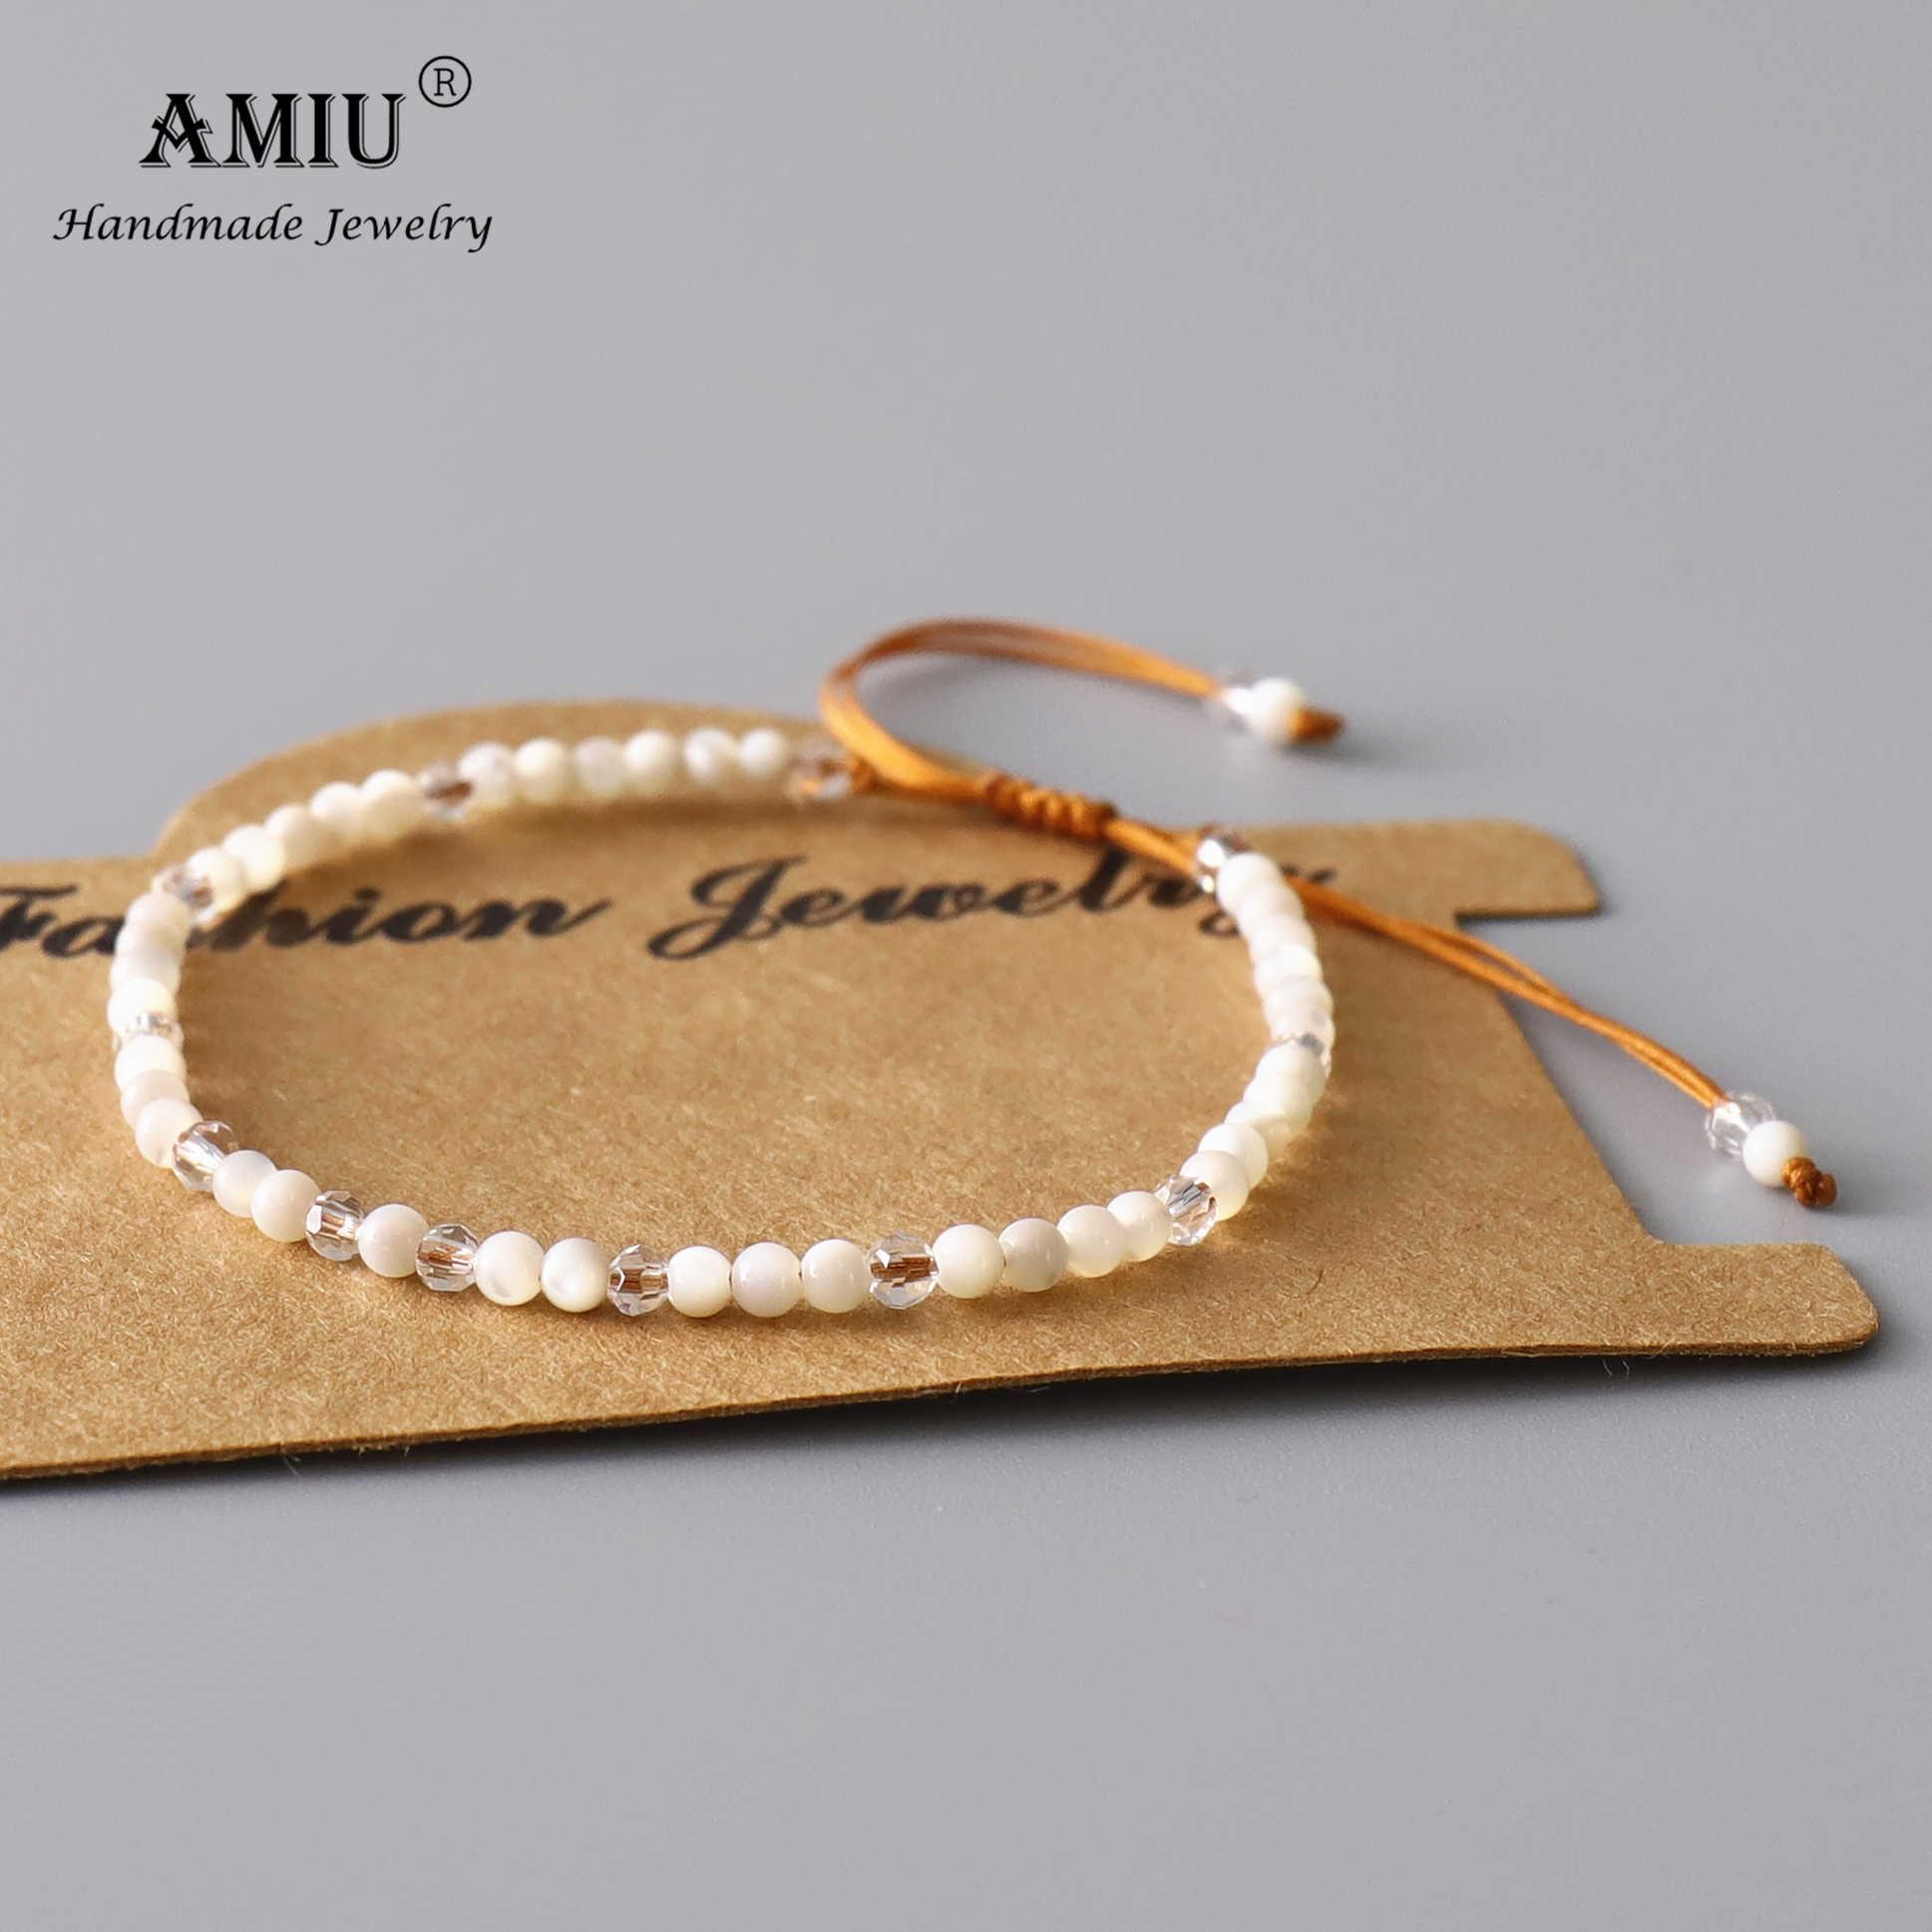 Pulsera de madre de perla blanca de AMIU Natura, pulsera ajustable de cristal Natural bohemio para dar suerte como pulseras de regalo